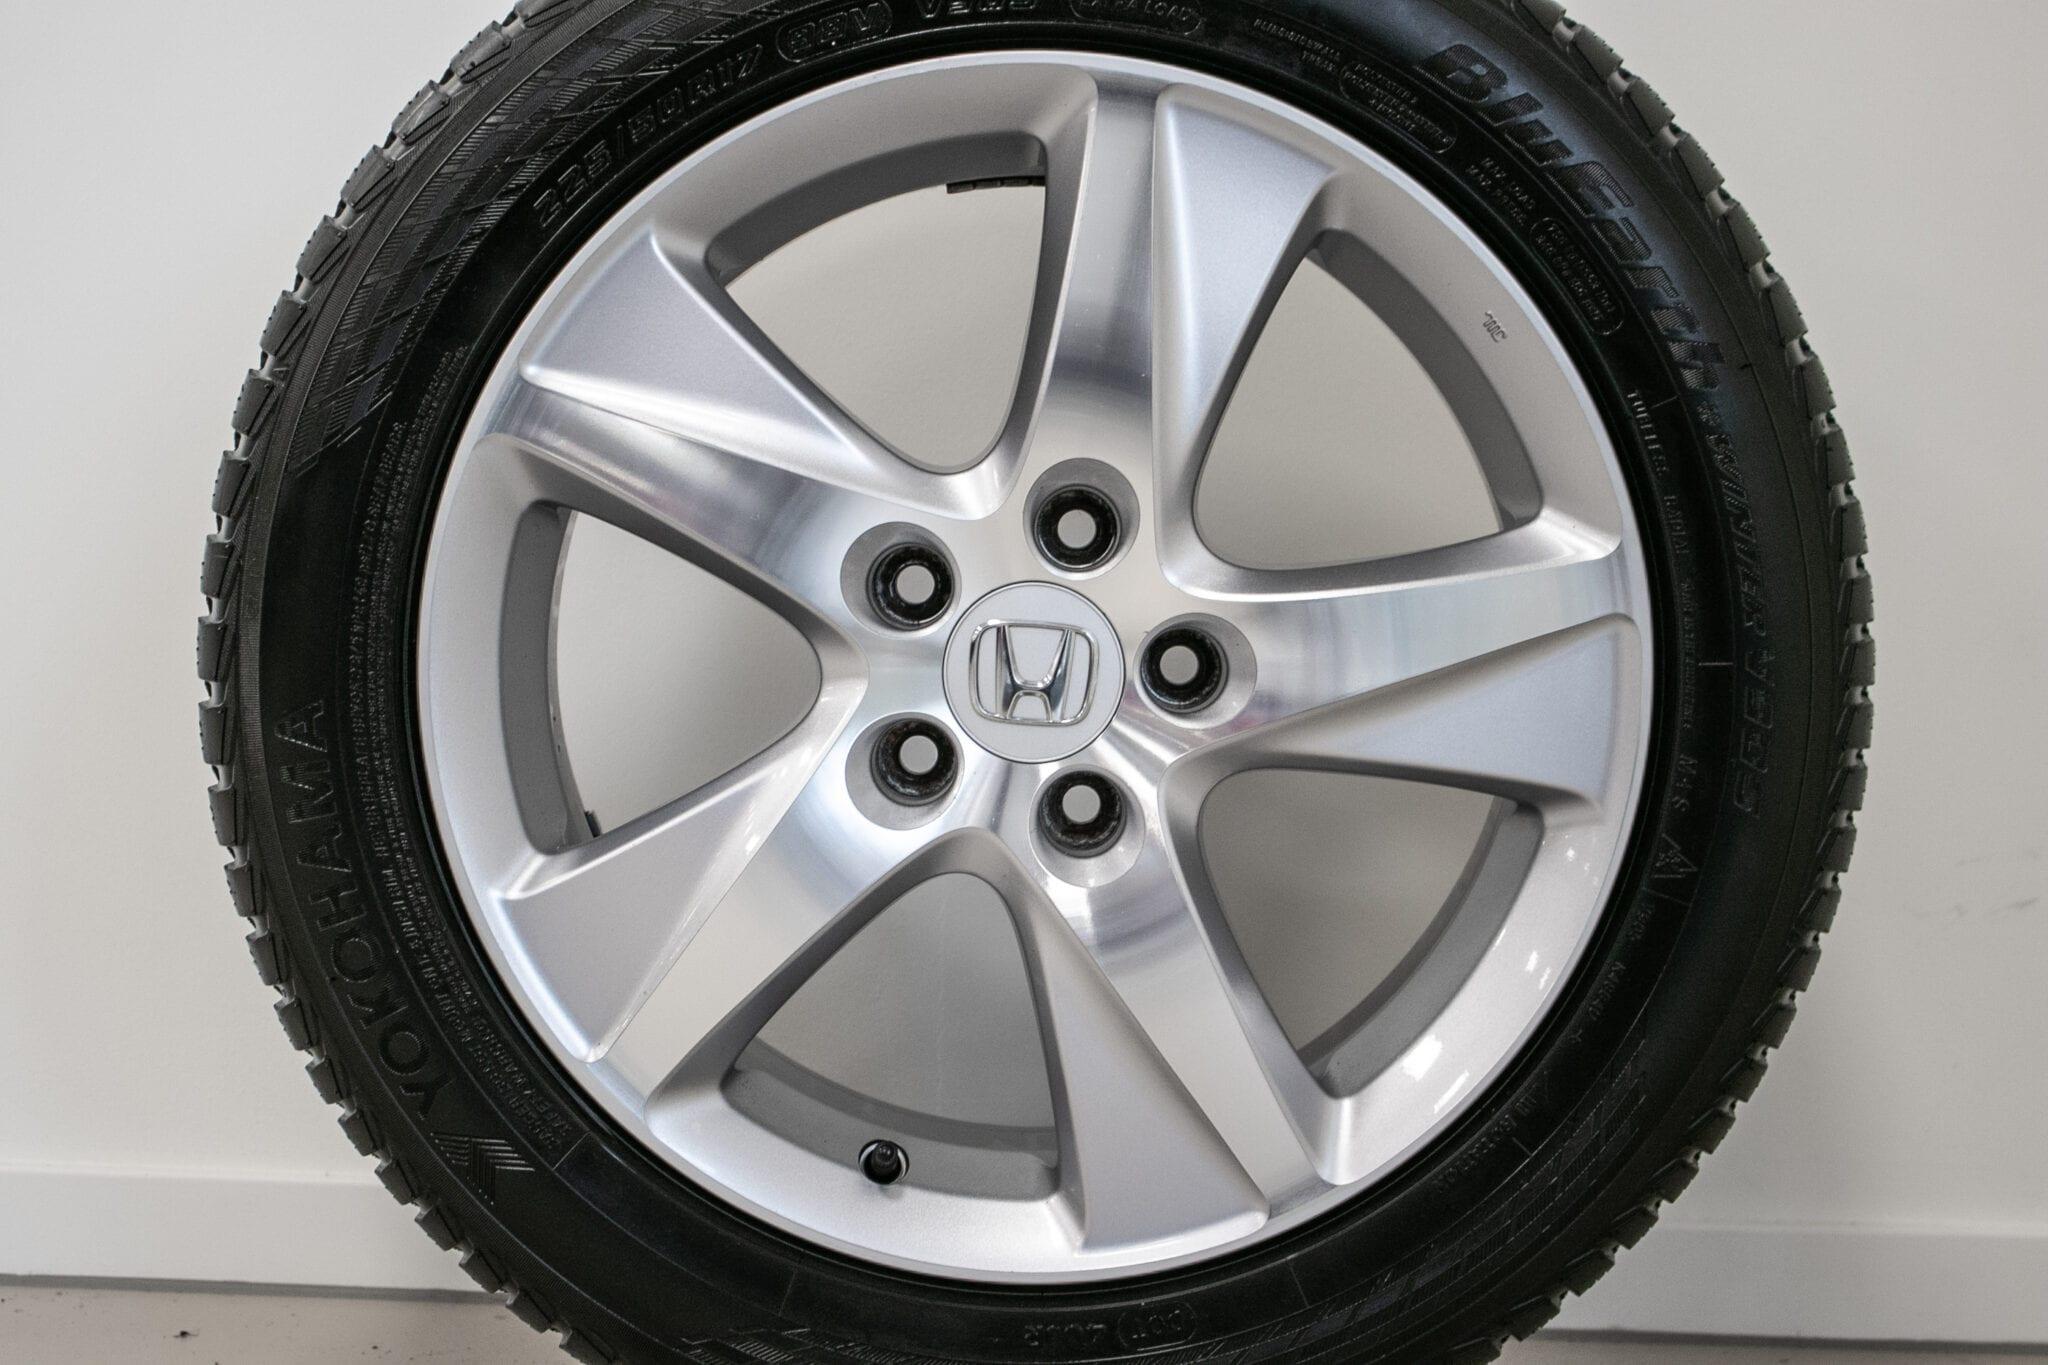 """17"""" Winterwielen voor de Honda Accord ('09>) €499 Gebruikt. Profieldiepte: 7.5mm - 7.8mm"""